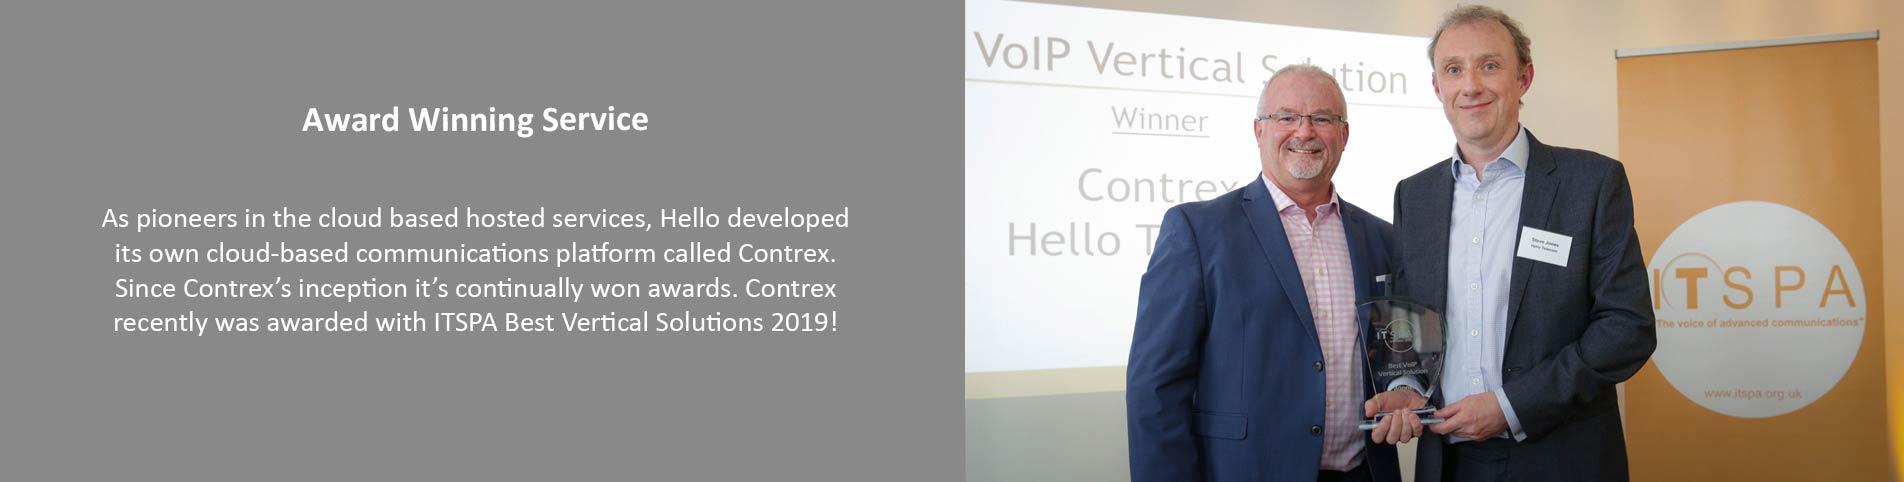 Partner page award-winning VoIP Partner Programs